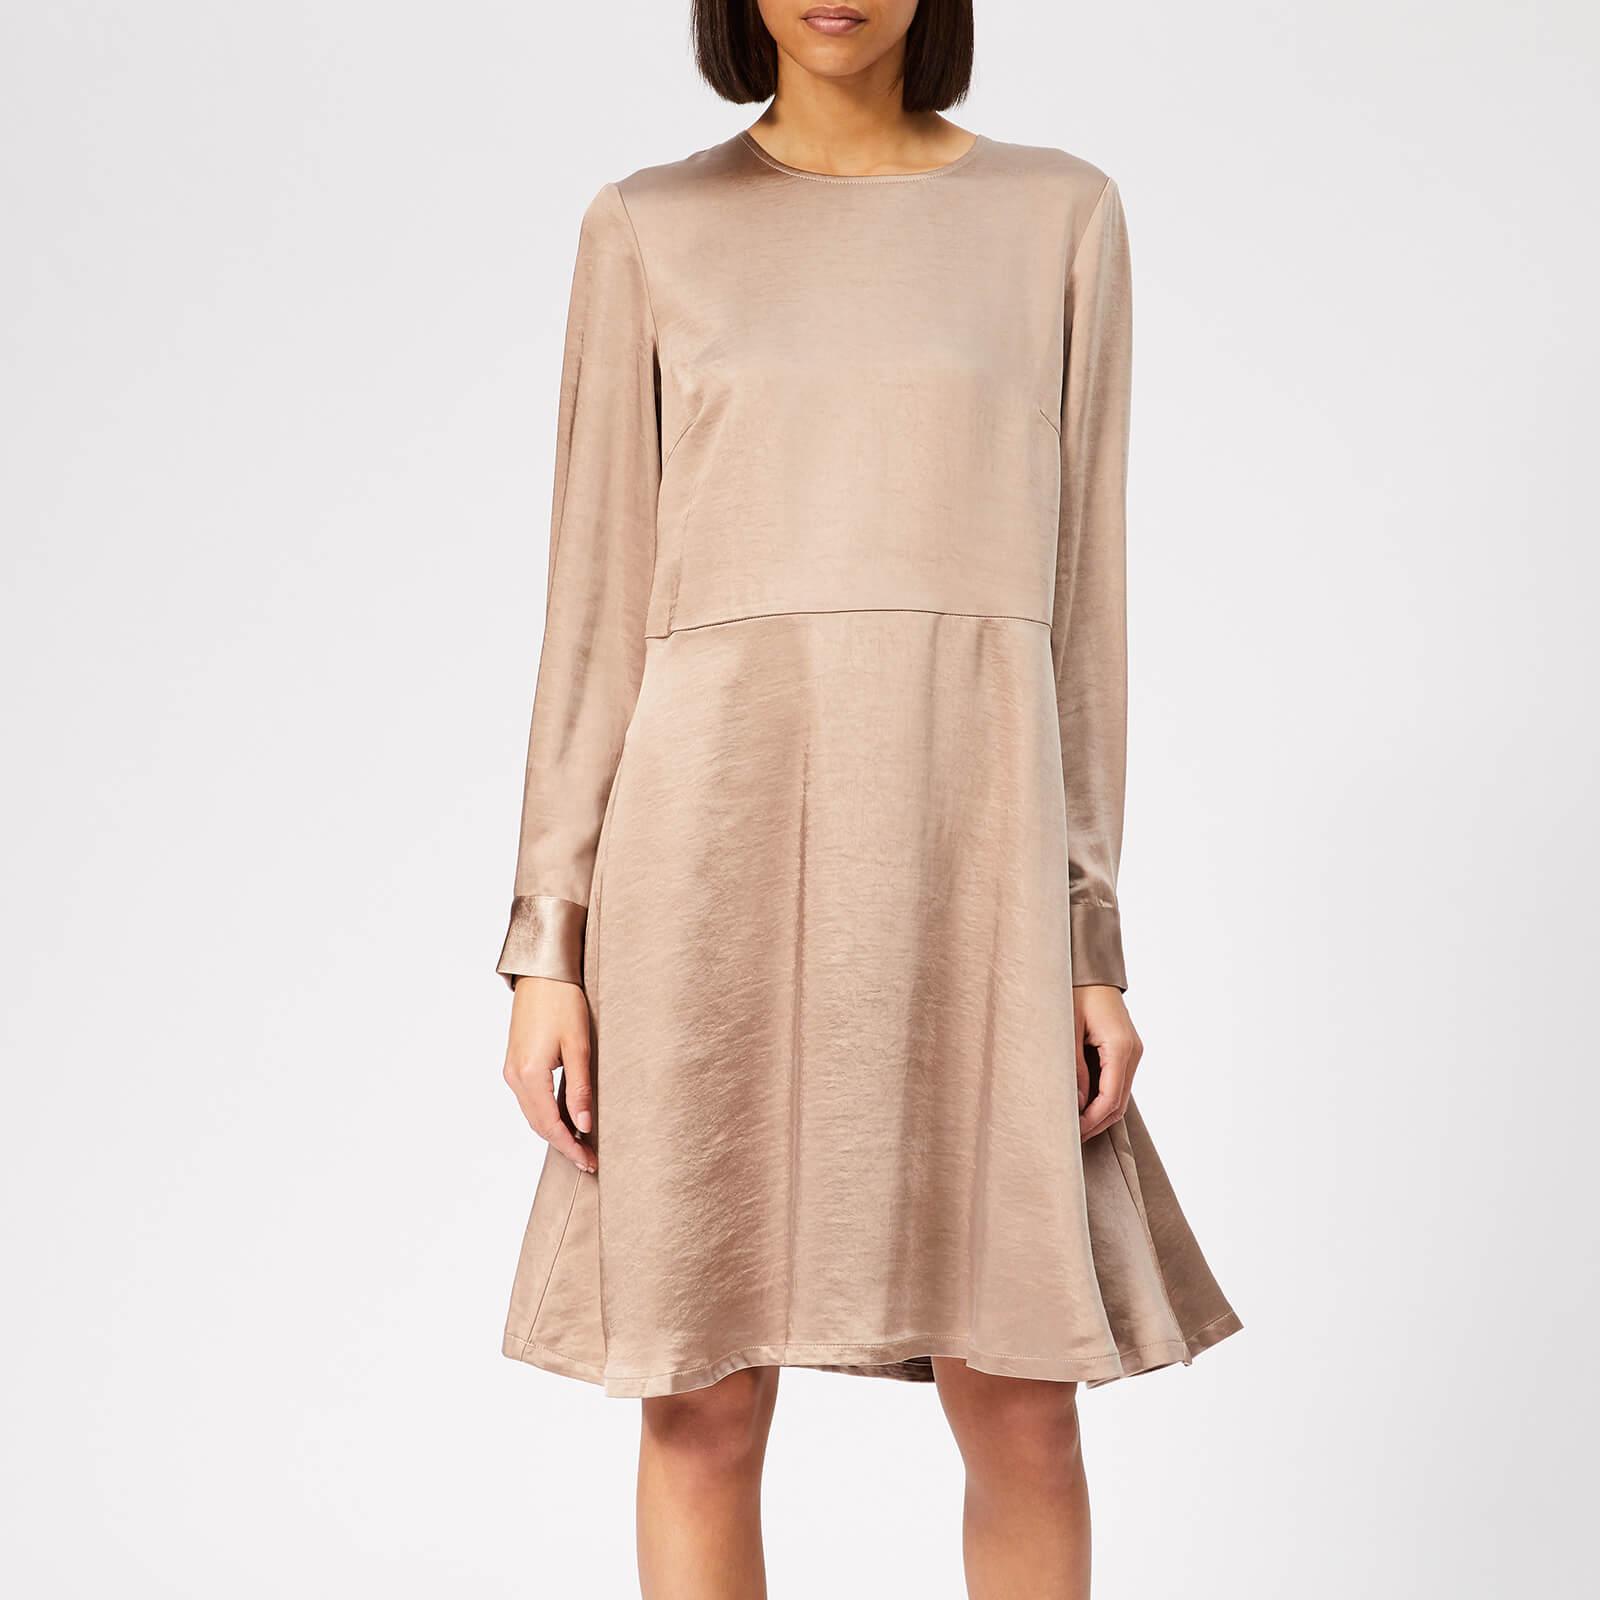 Gestuz Women's Minina Dress - Portobella - EU 38/UK 10 - Beige